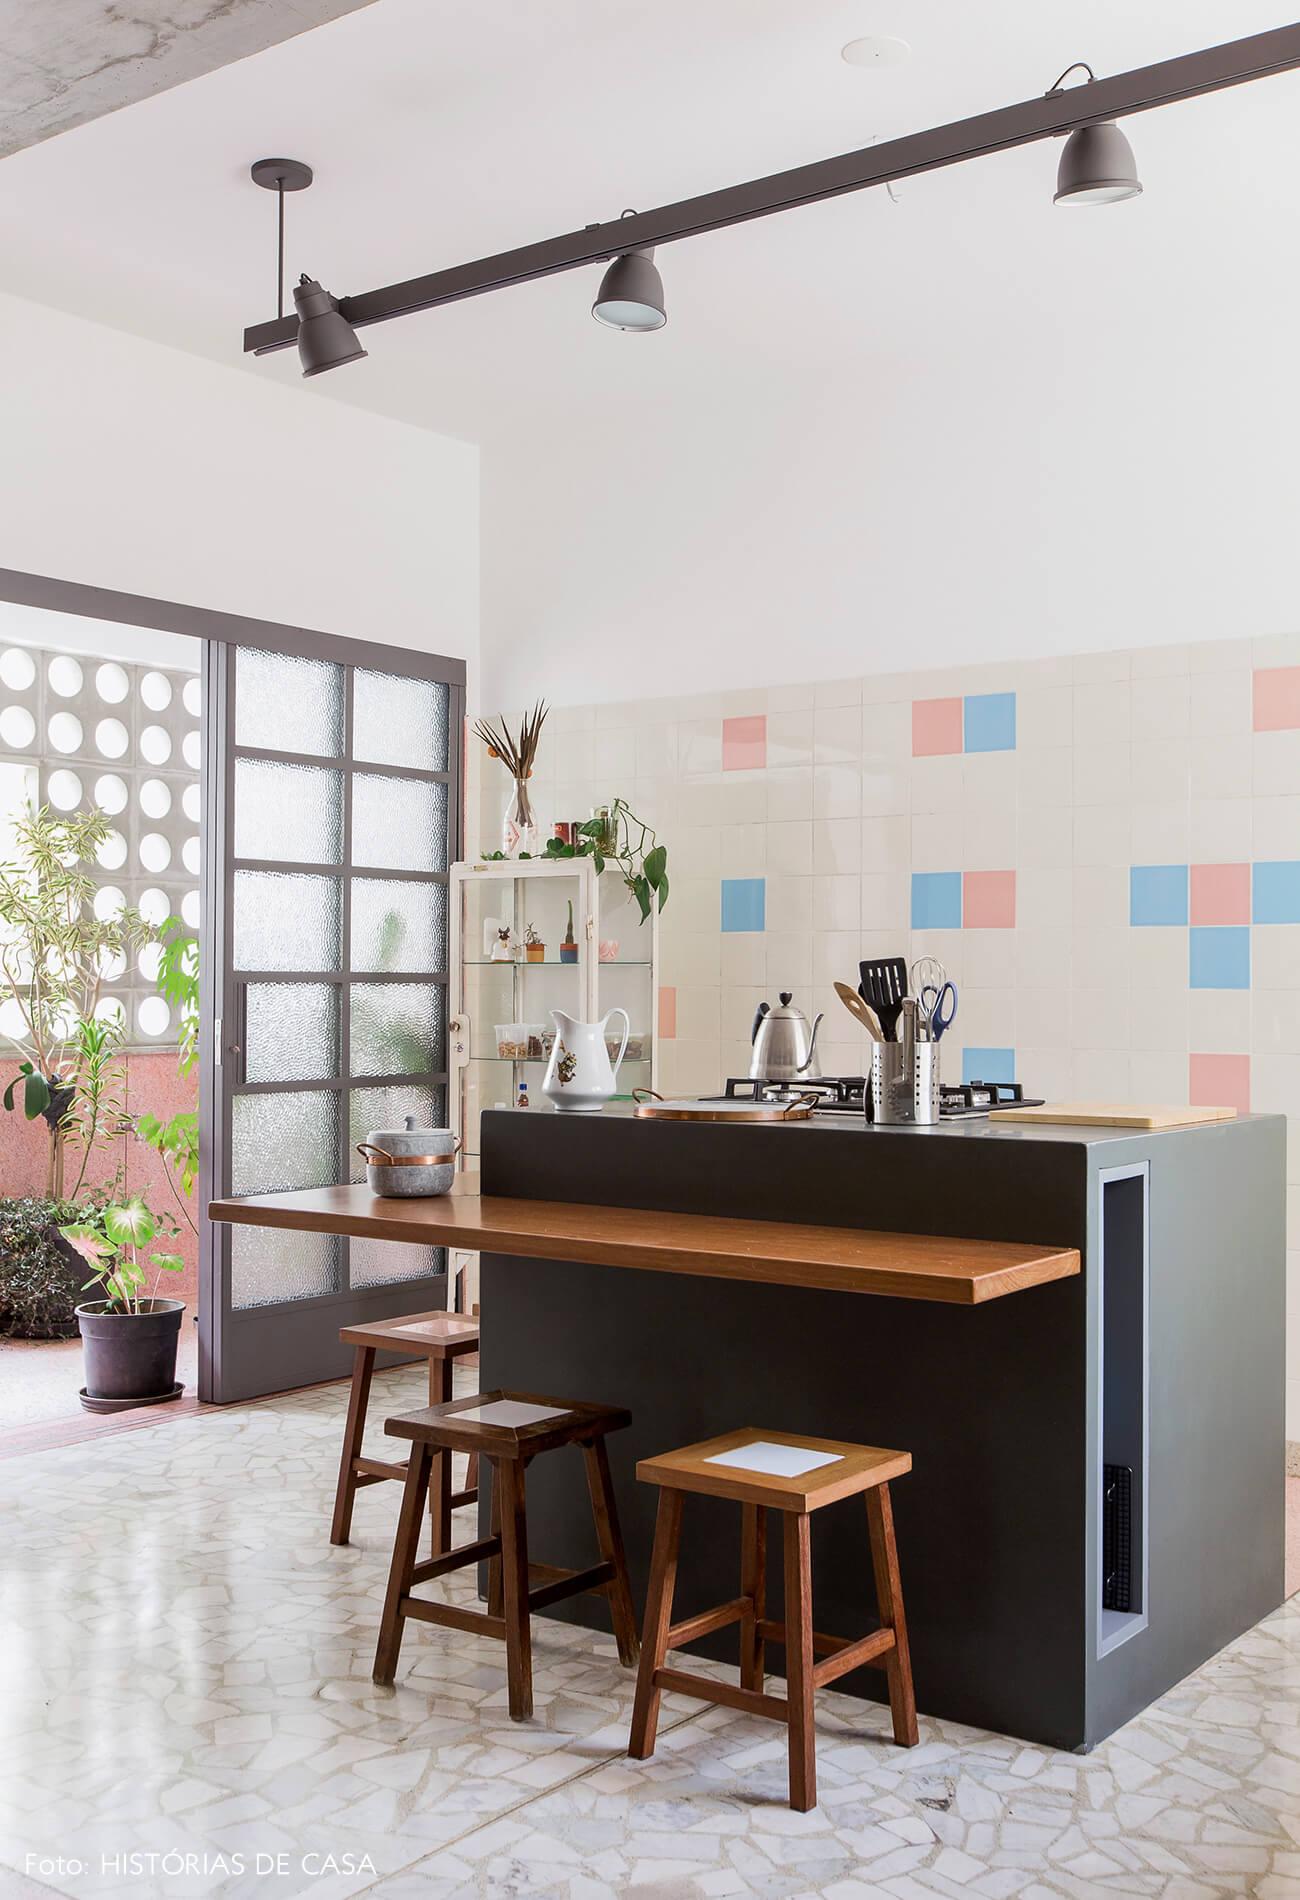 Cozinha vintage reformada com piso de granilite e ilha central com banquetas